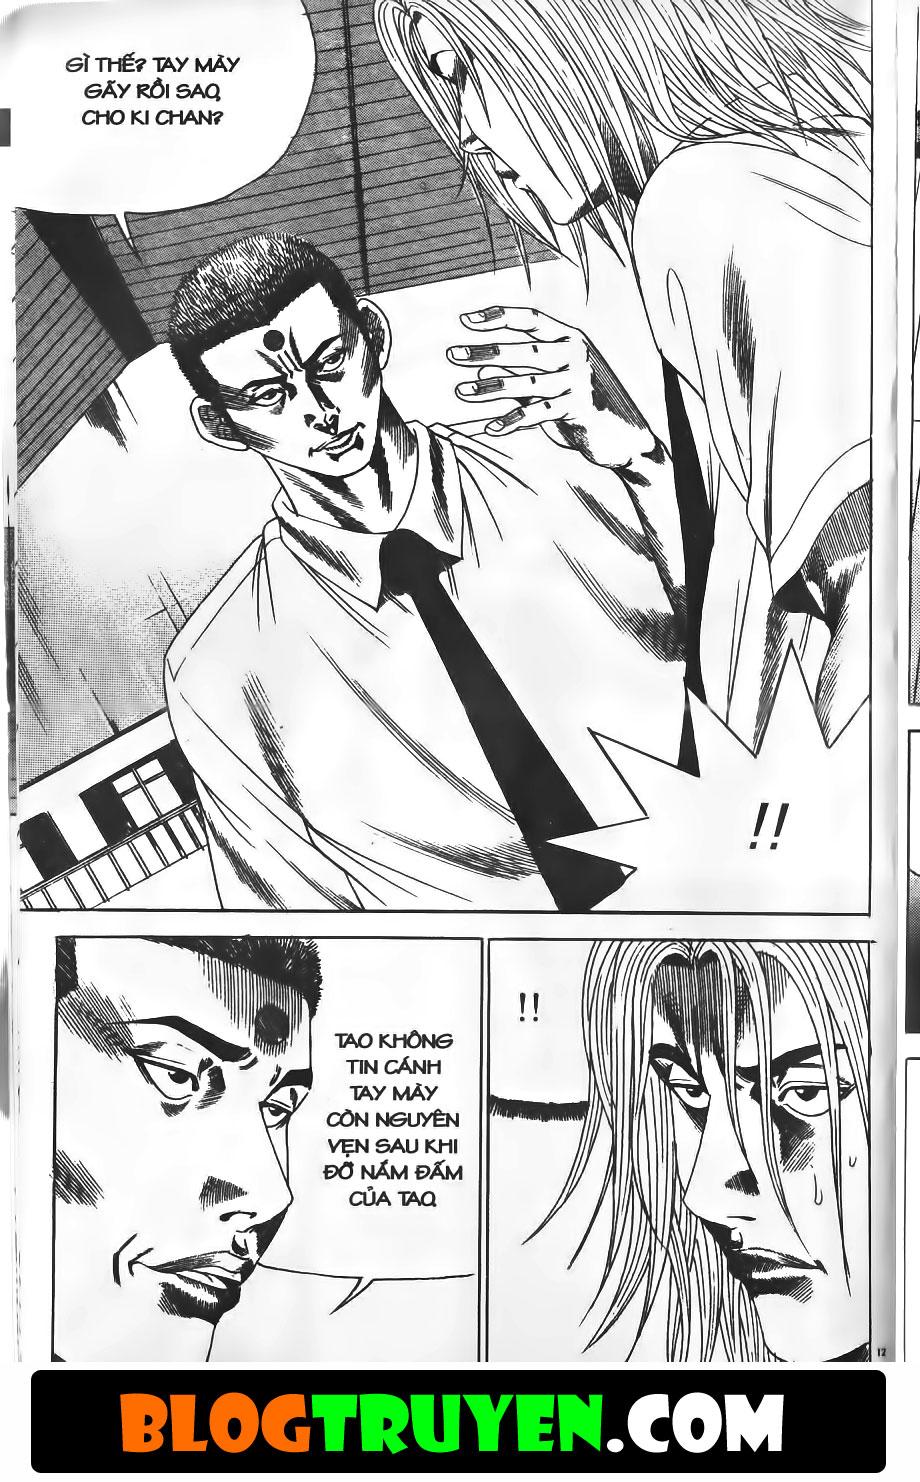 Bitagi - Anh chàng ngổ ngáo chap 148 trang 8